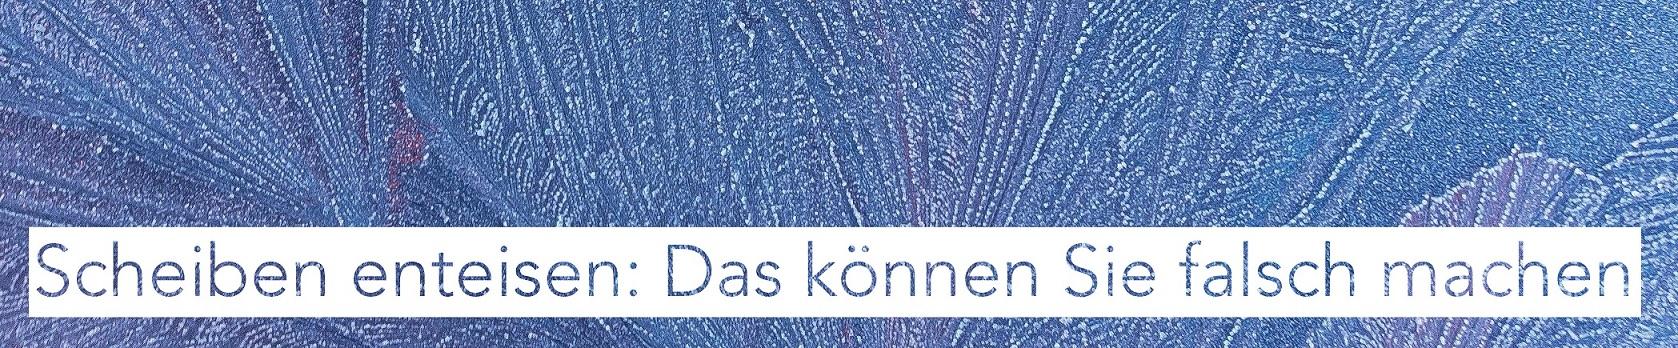 Scheiben enteisen auf Scheibenwischer.com